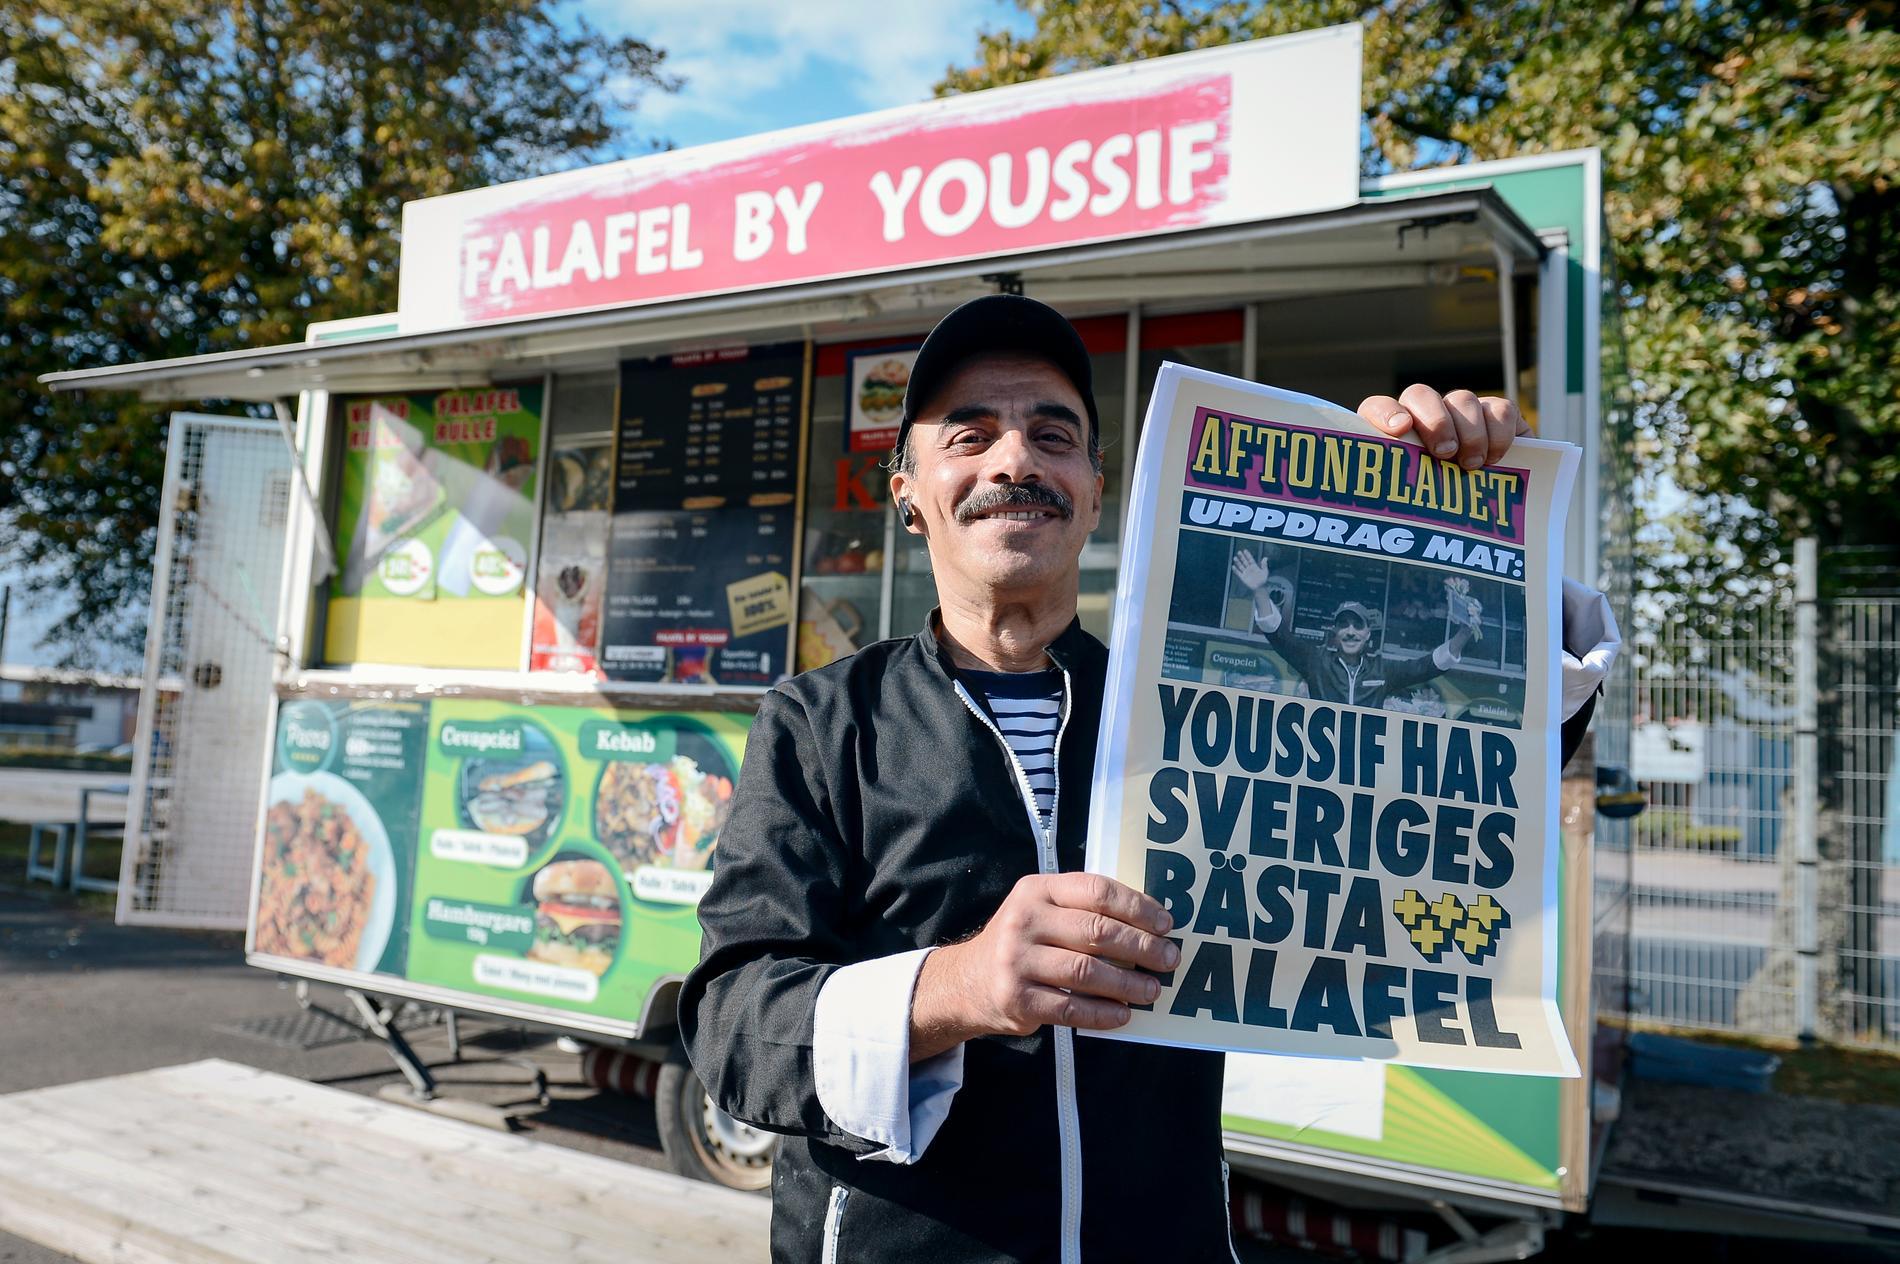 Youssifs falafel har blivit utsedd till landets bästa.